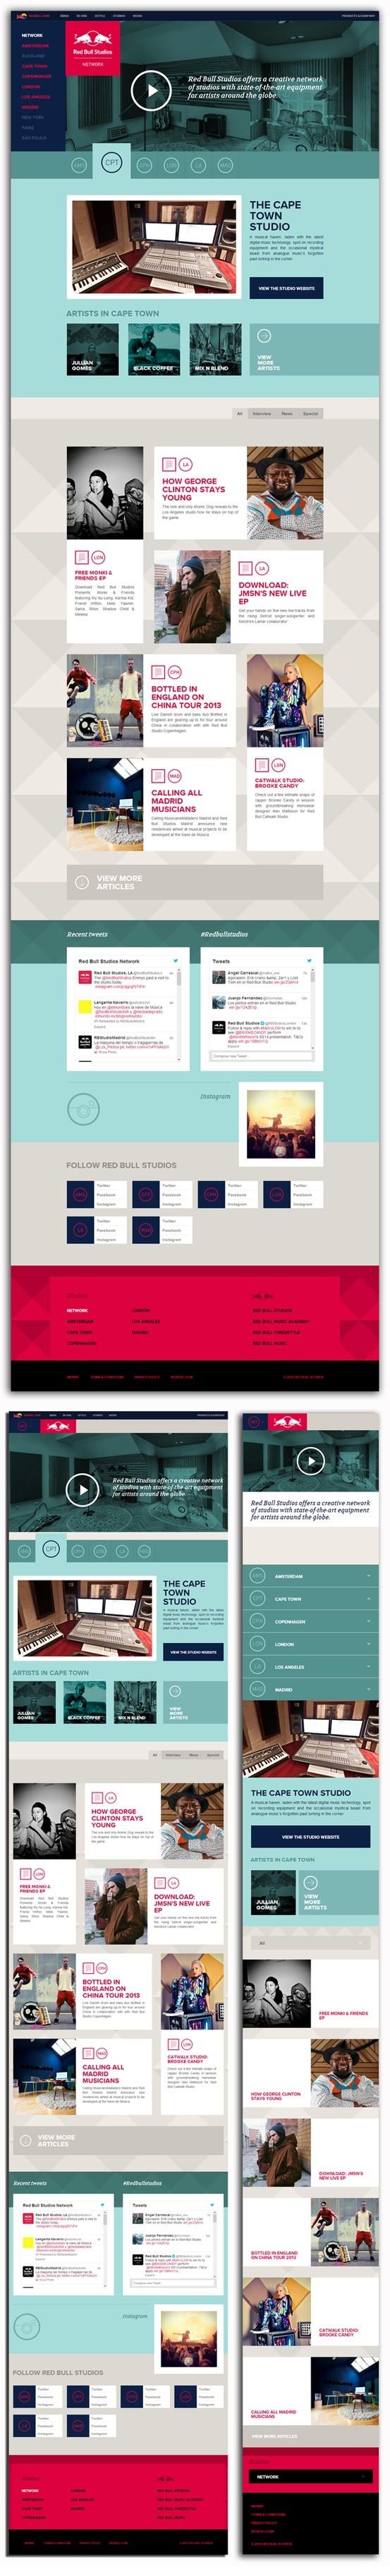 redbullstudios.com   WOW!! Diseño: 5, Responsive 5, Navegación: 5 Contenido: 5 Usabilidad: 5, Scroll: 5